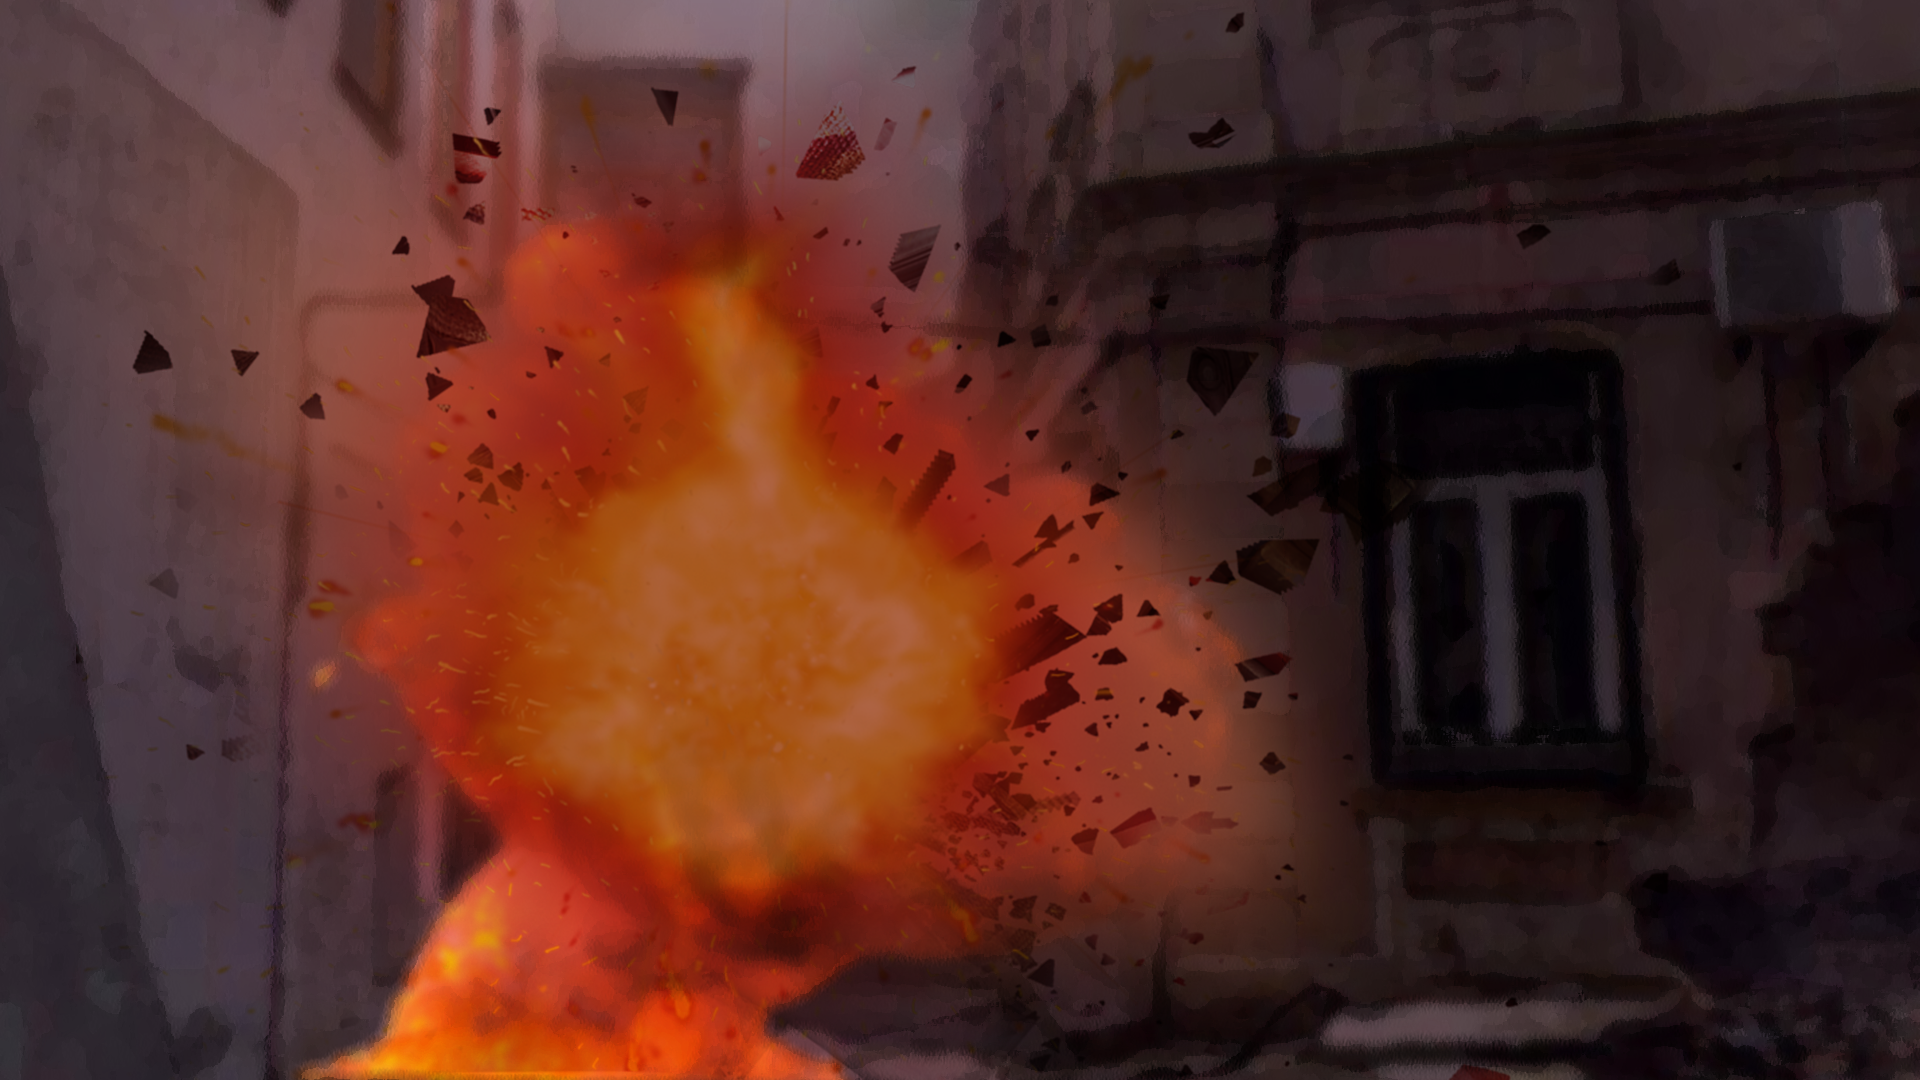 Icon for Pyromaniac